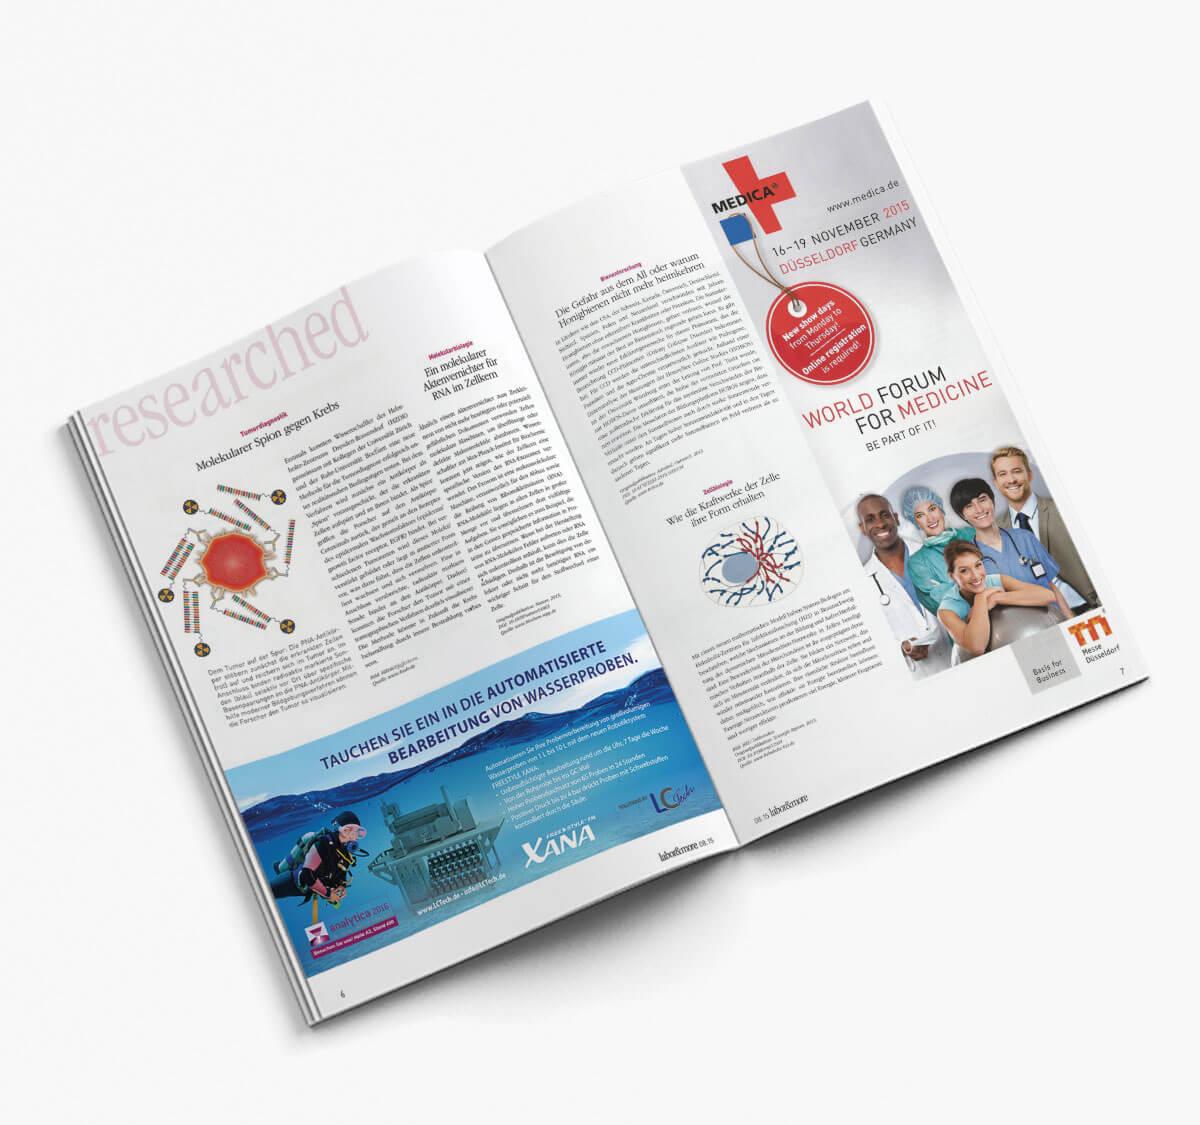 Anzeige in Fachzeitschrift für Laboranalytik.